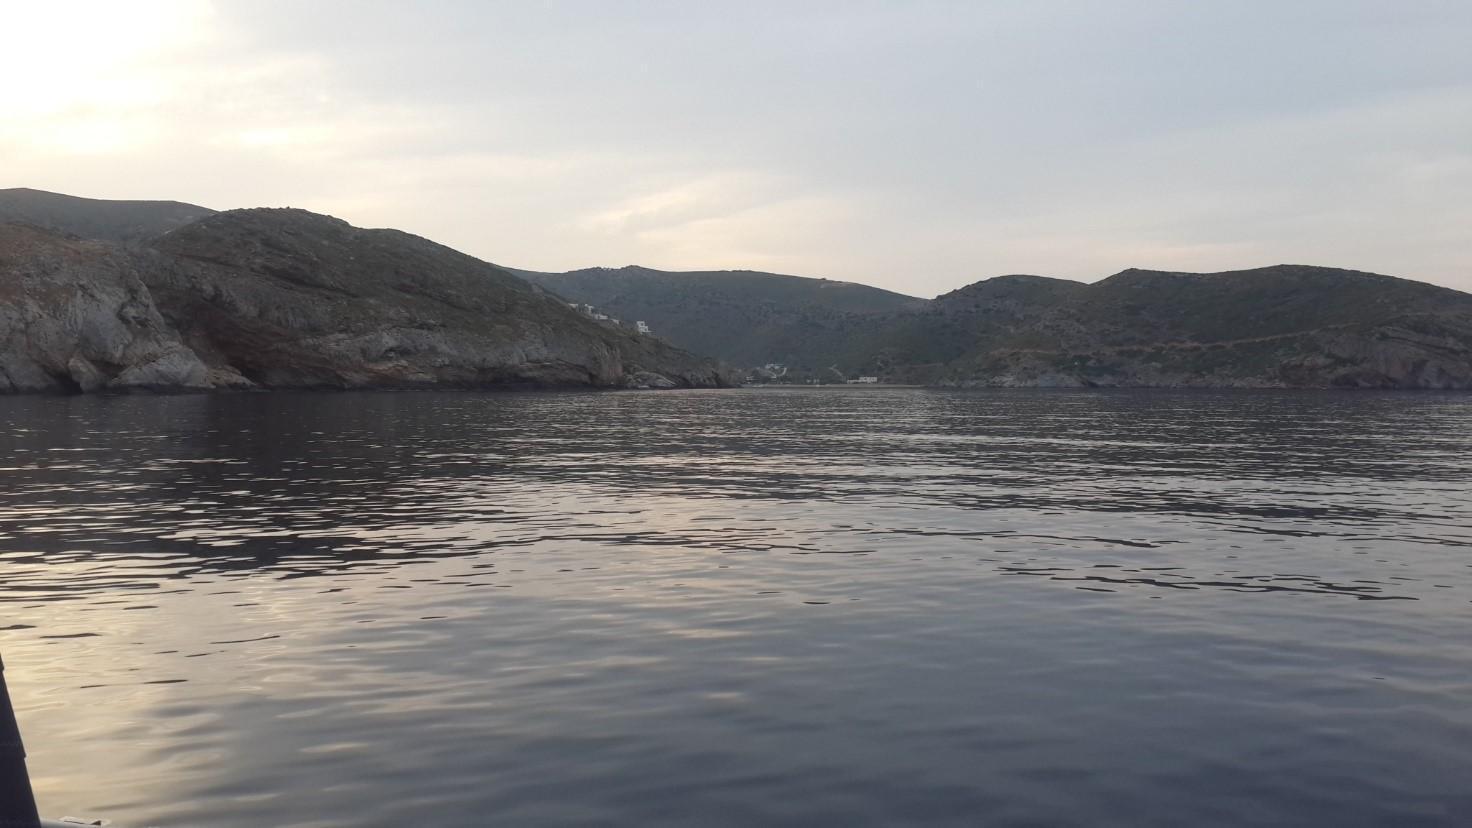 מפרץ Agios Stefanos, מפרץ קטן וקסום